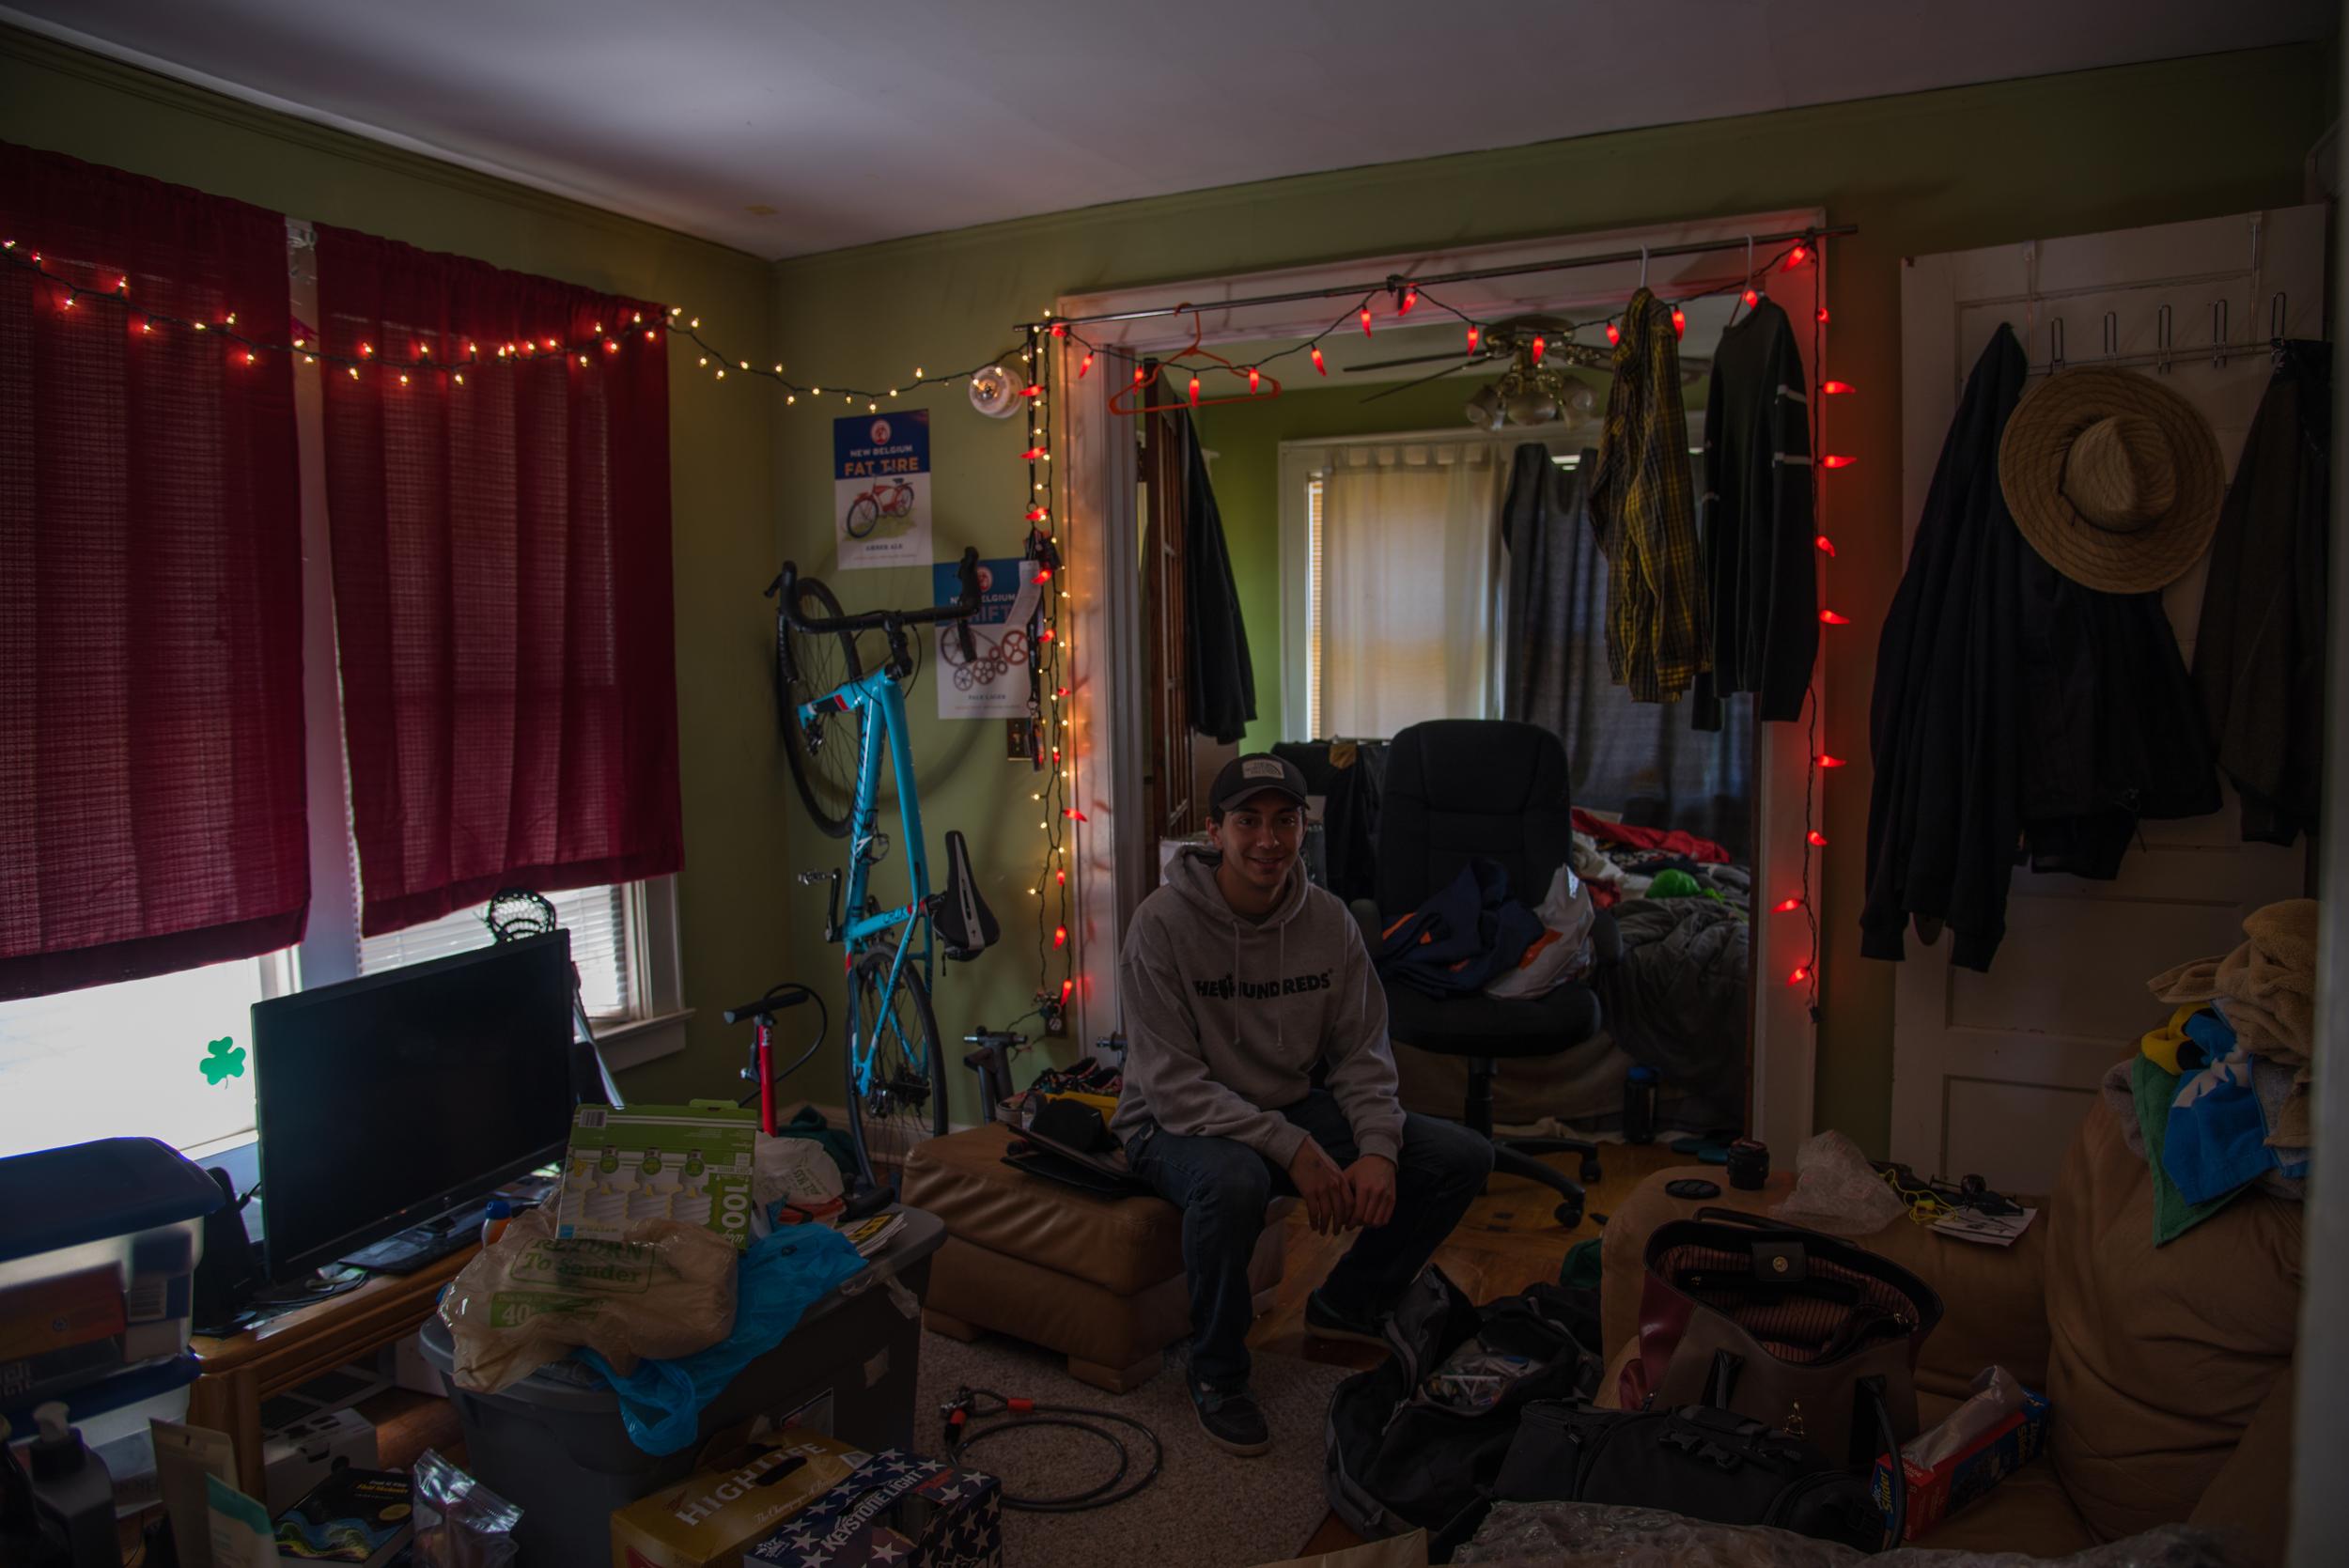 Annis_Nick_Room-1.jpg